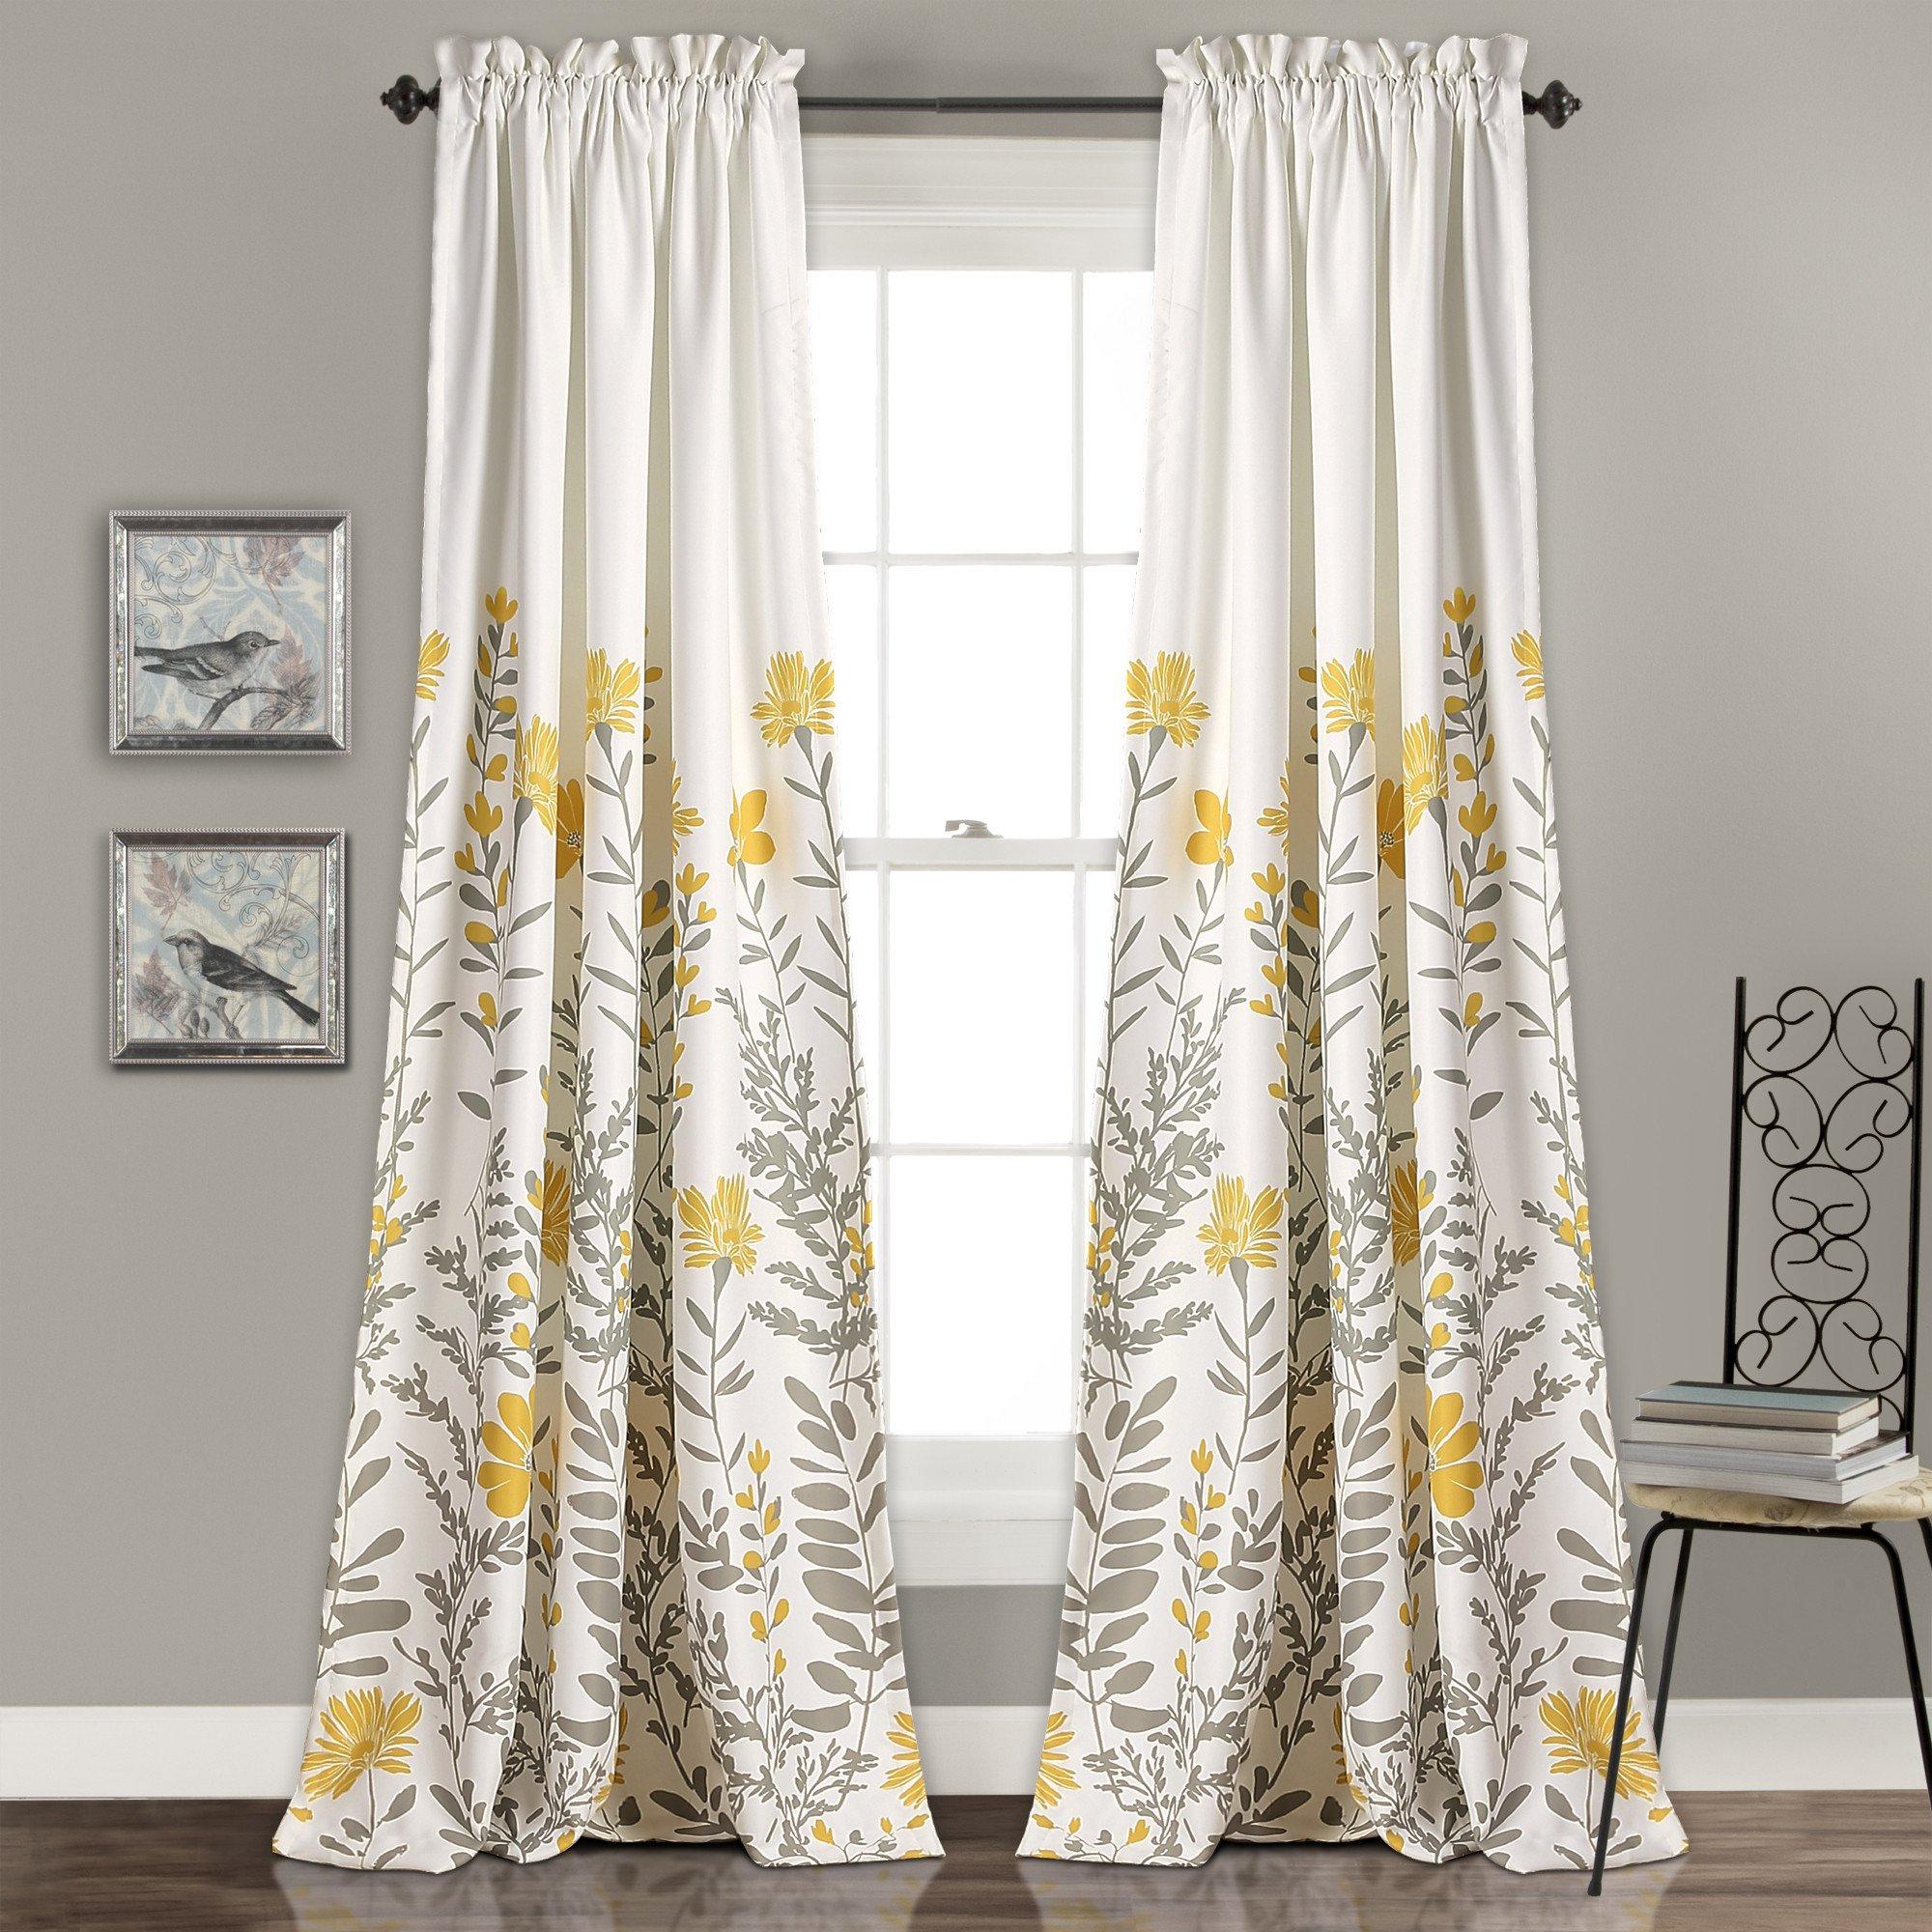 Aprile Room Darkening Window Curtain Set Room Darkening Curtains Yellow Curtains Curtains